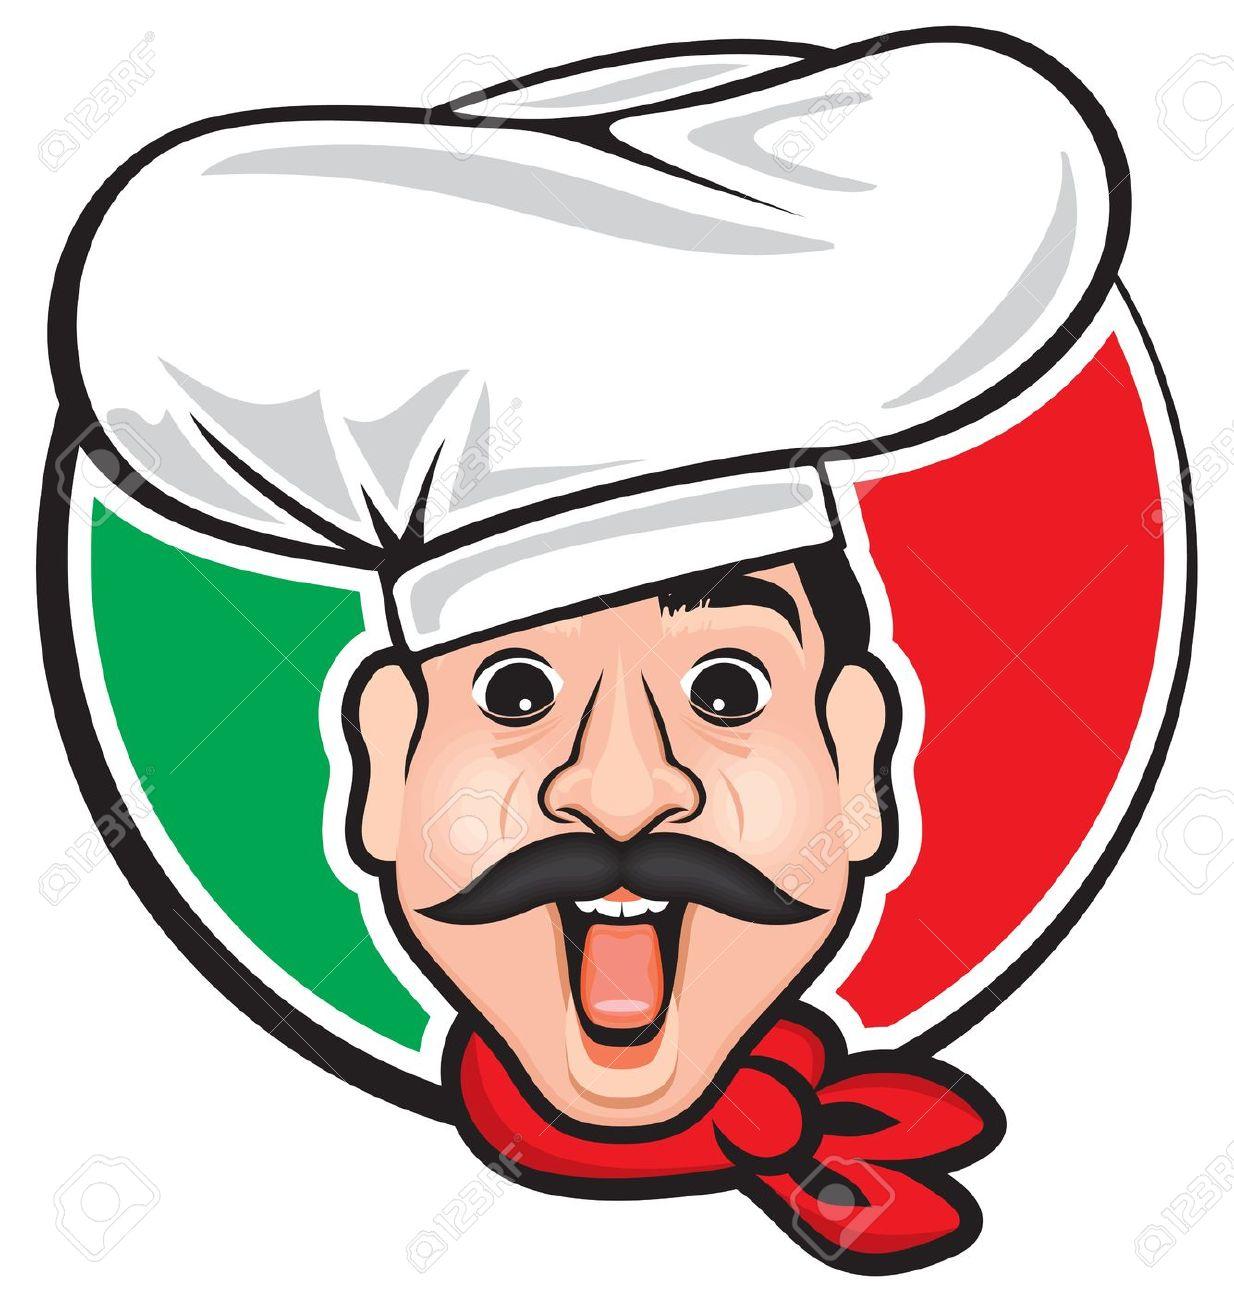 Italian Restaurant Logo With Flag: Italiano Clipart